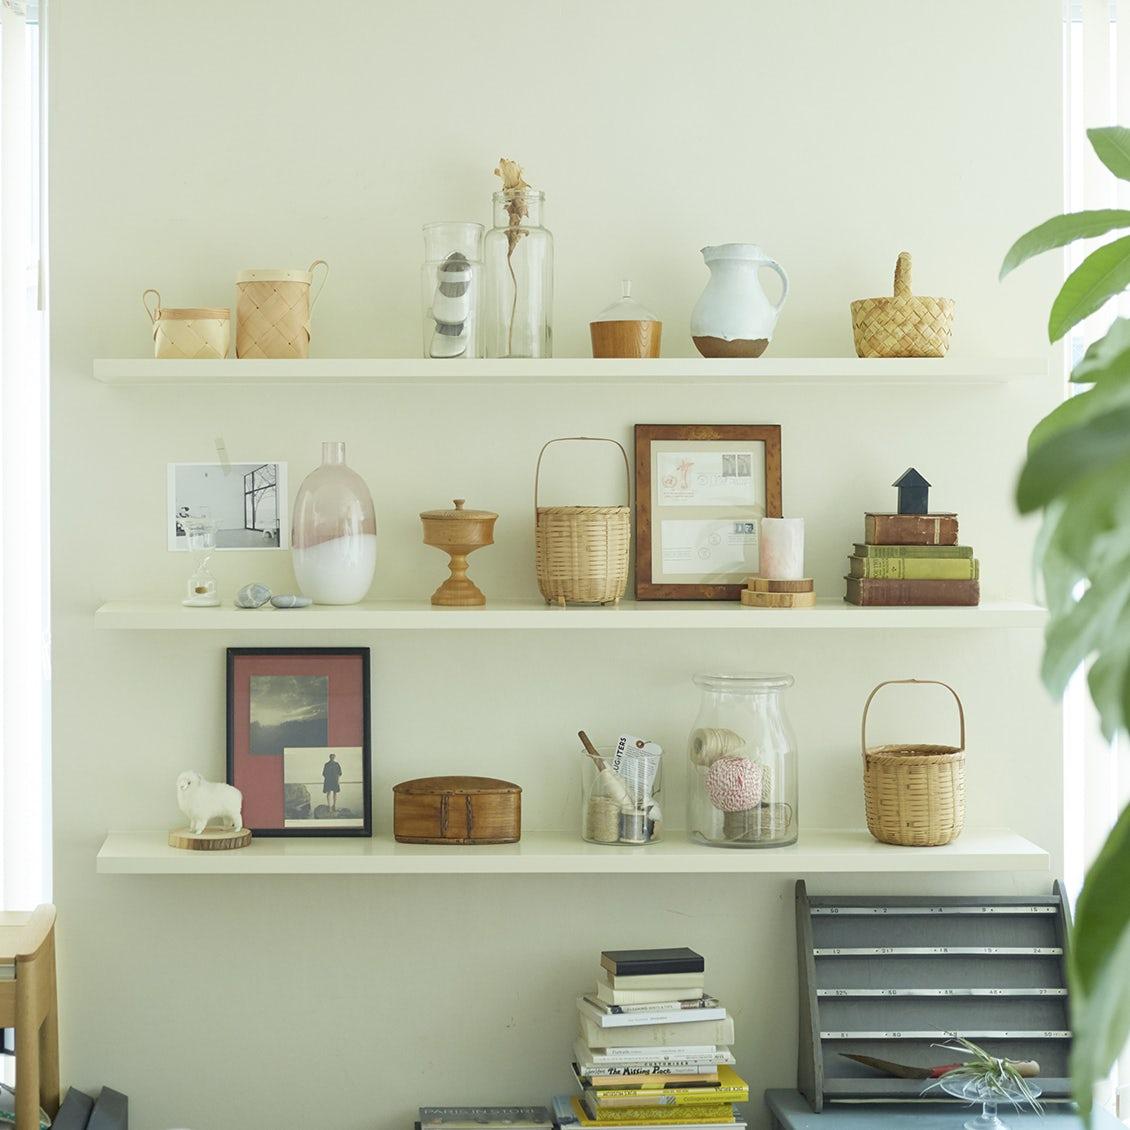 【飾り棚で、理想の我が家】インテリアの印象を決める「飾り棚」のおしゃれな使い方って?